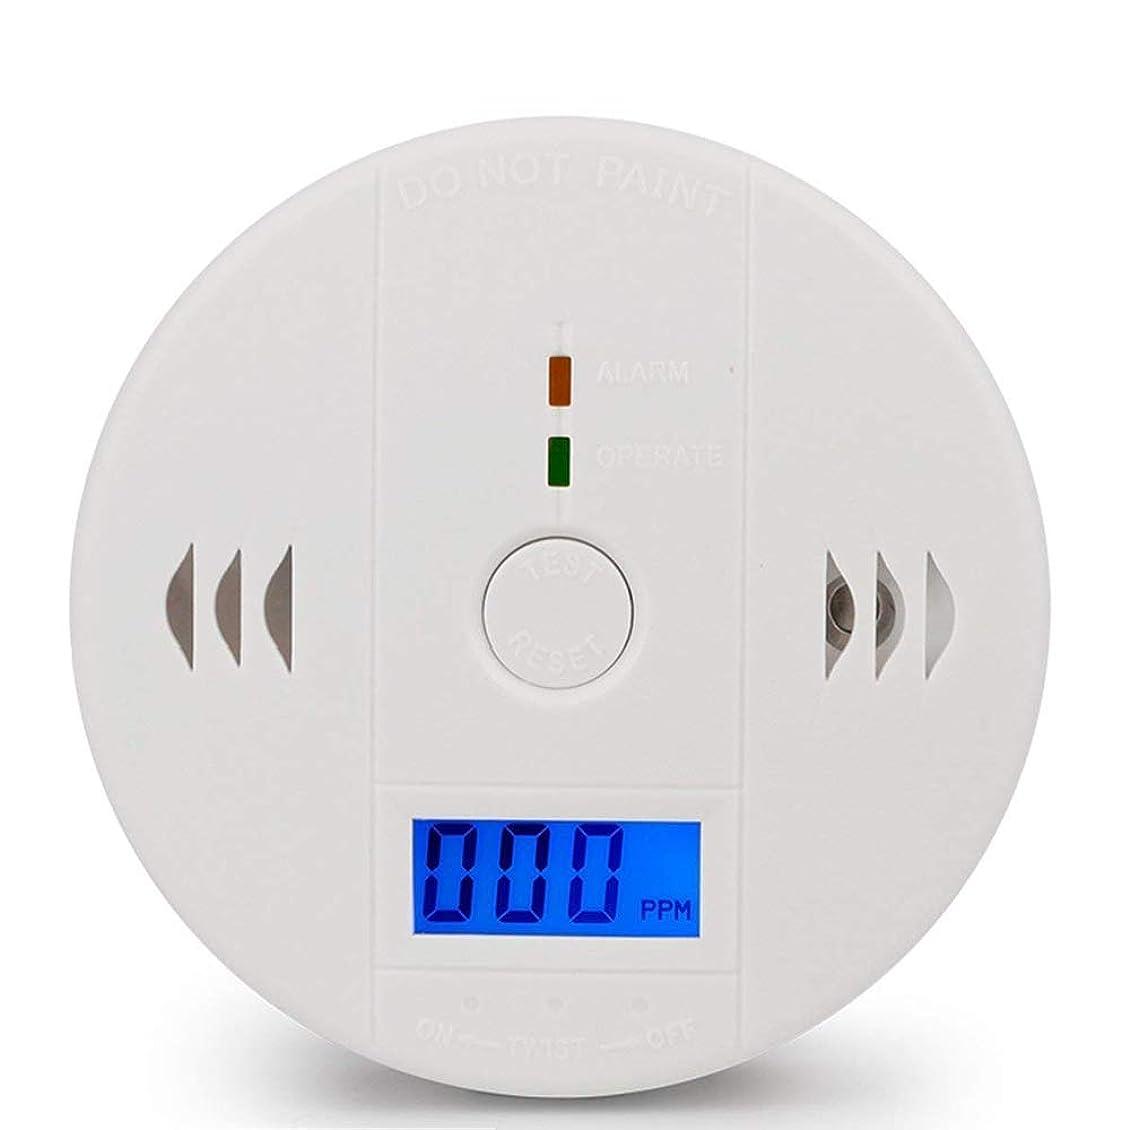 空白アンデス山脈存在する一酸化炭素検出器のアラーム、COのガスセンサーの検出器 デジタル表示付き 目覚まし時計の警告 防災アラーム COアラーム